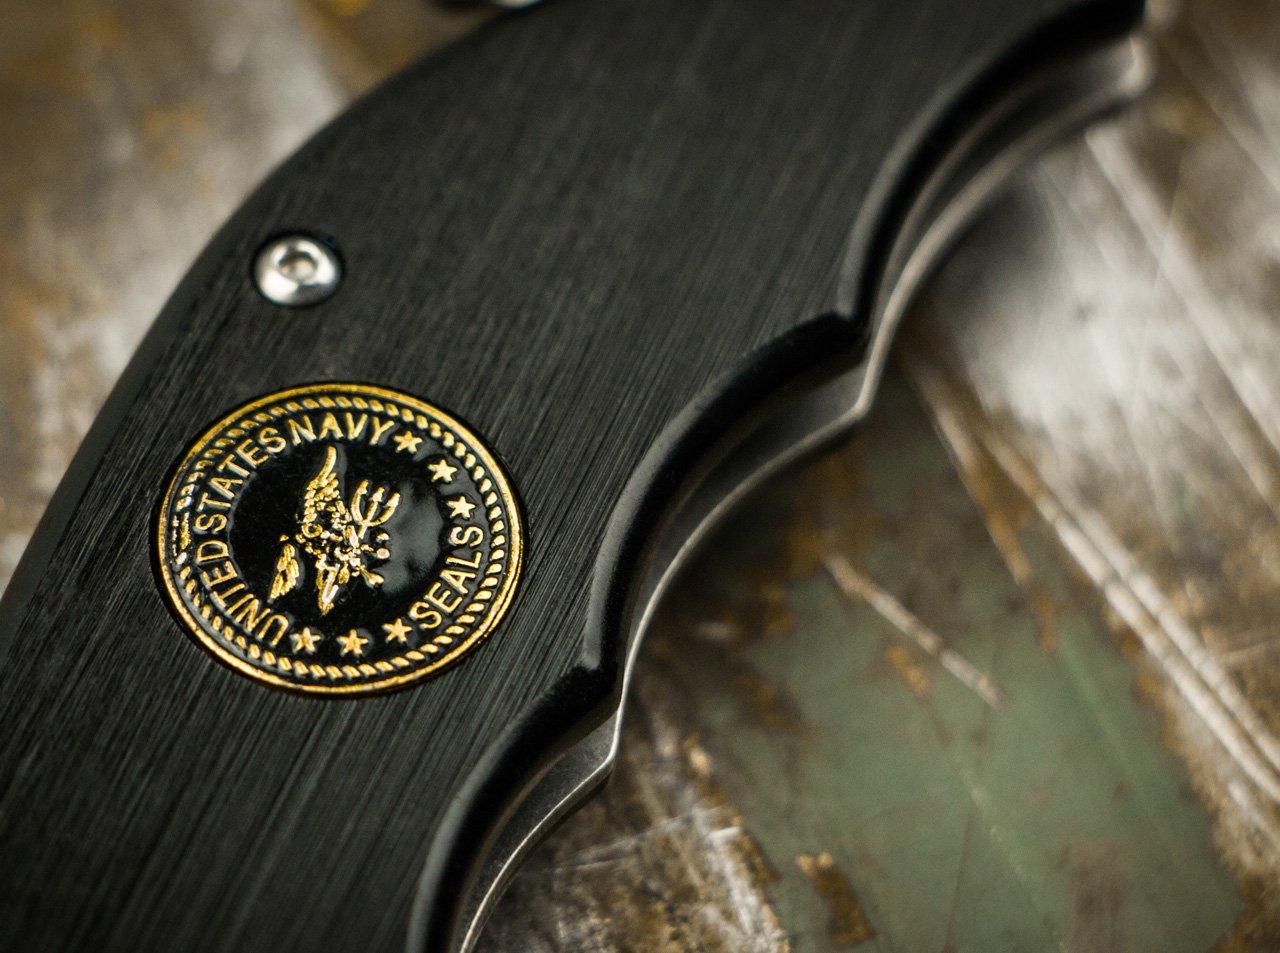 Magnum Usn Seals Messer